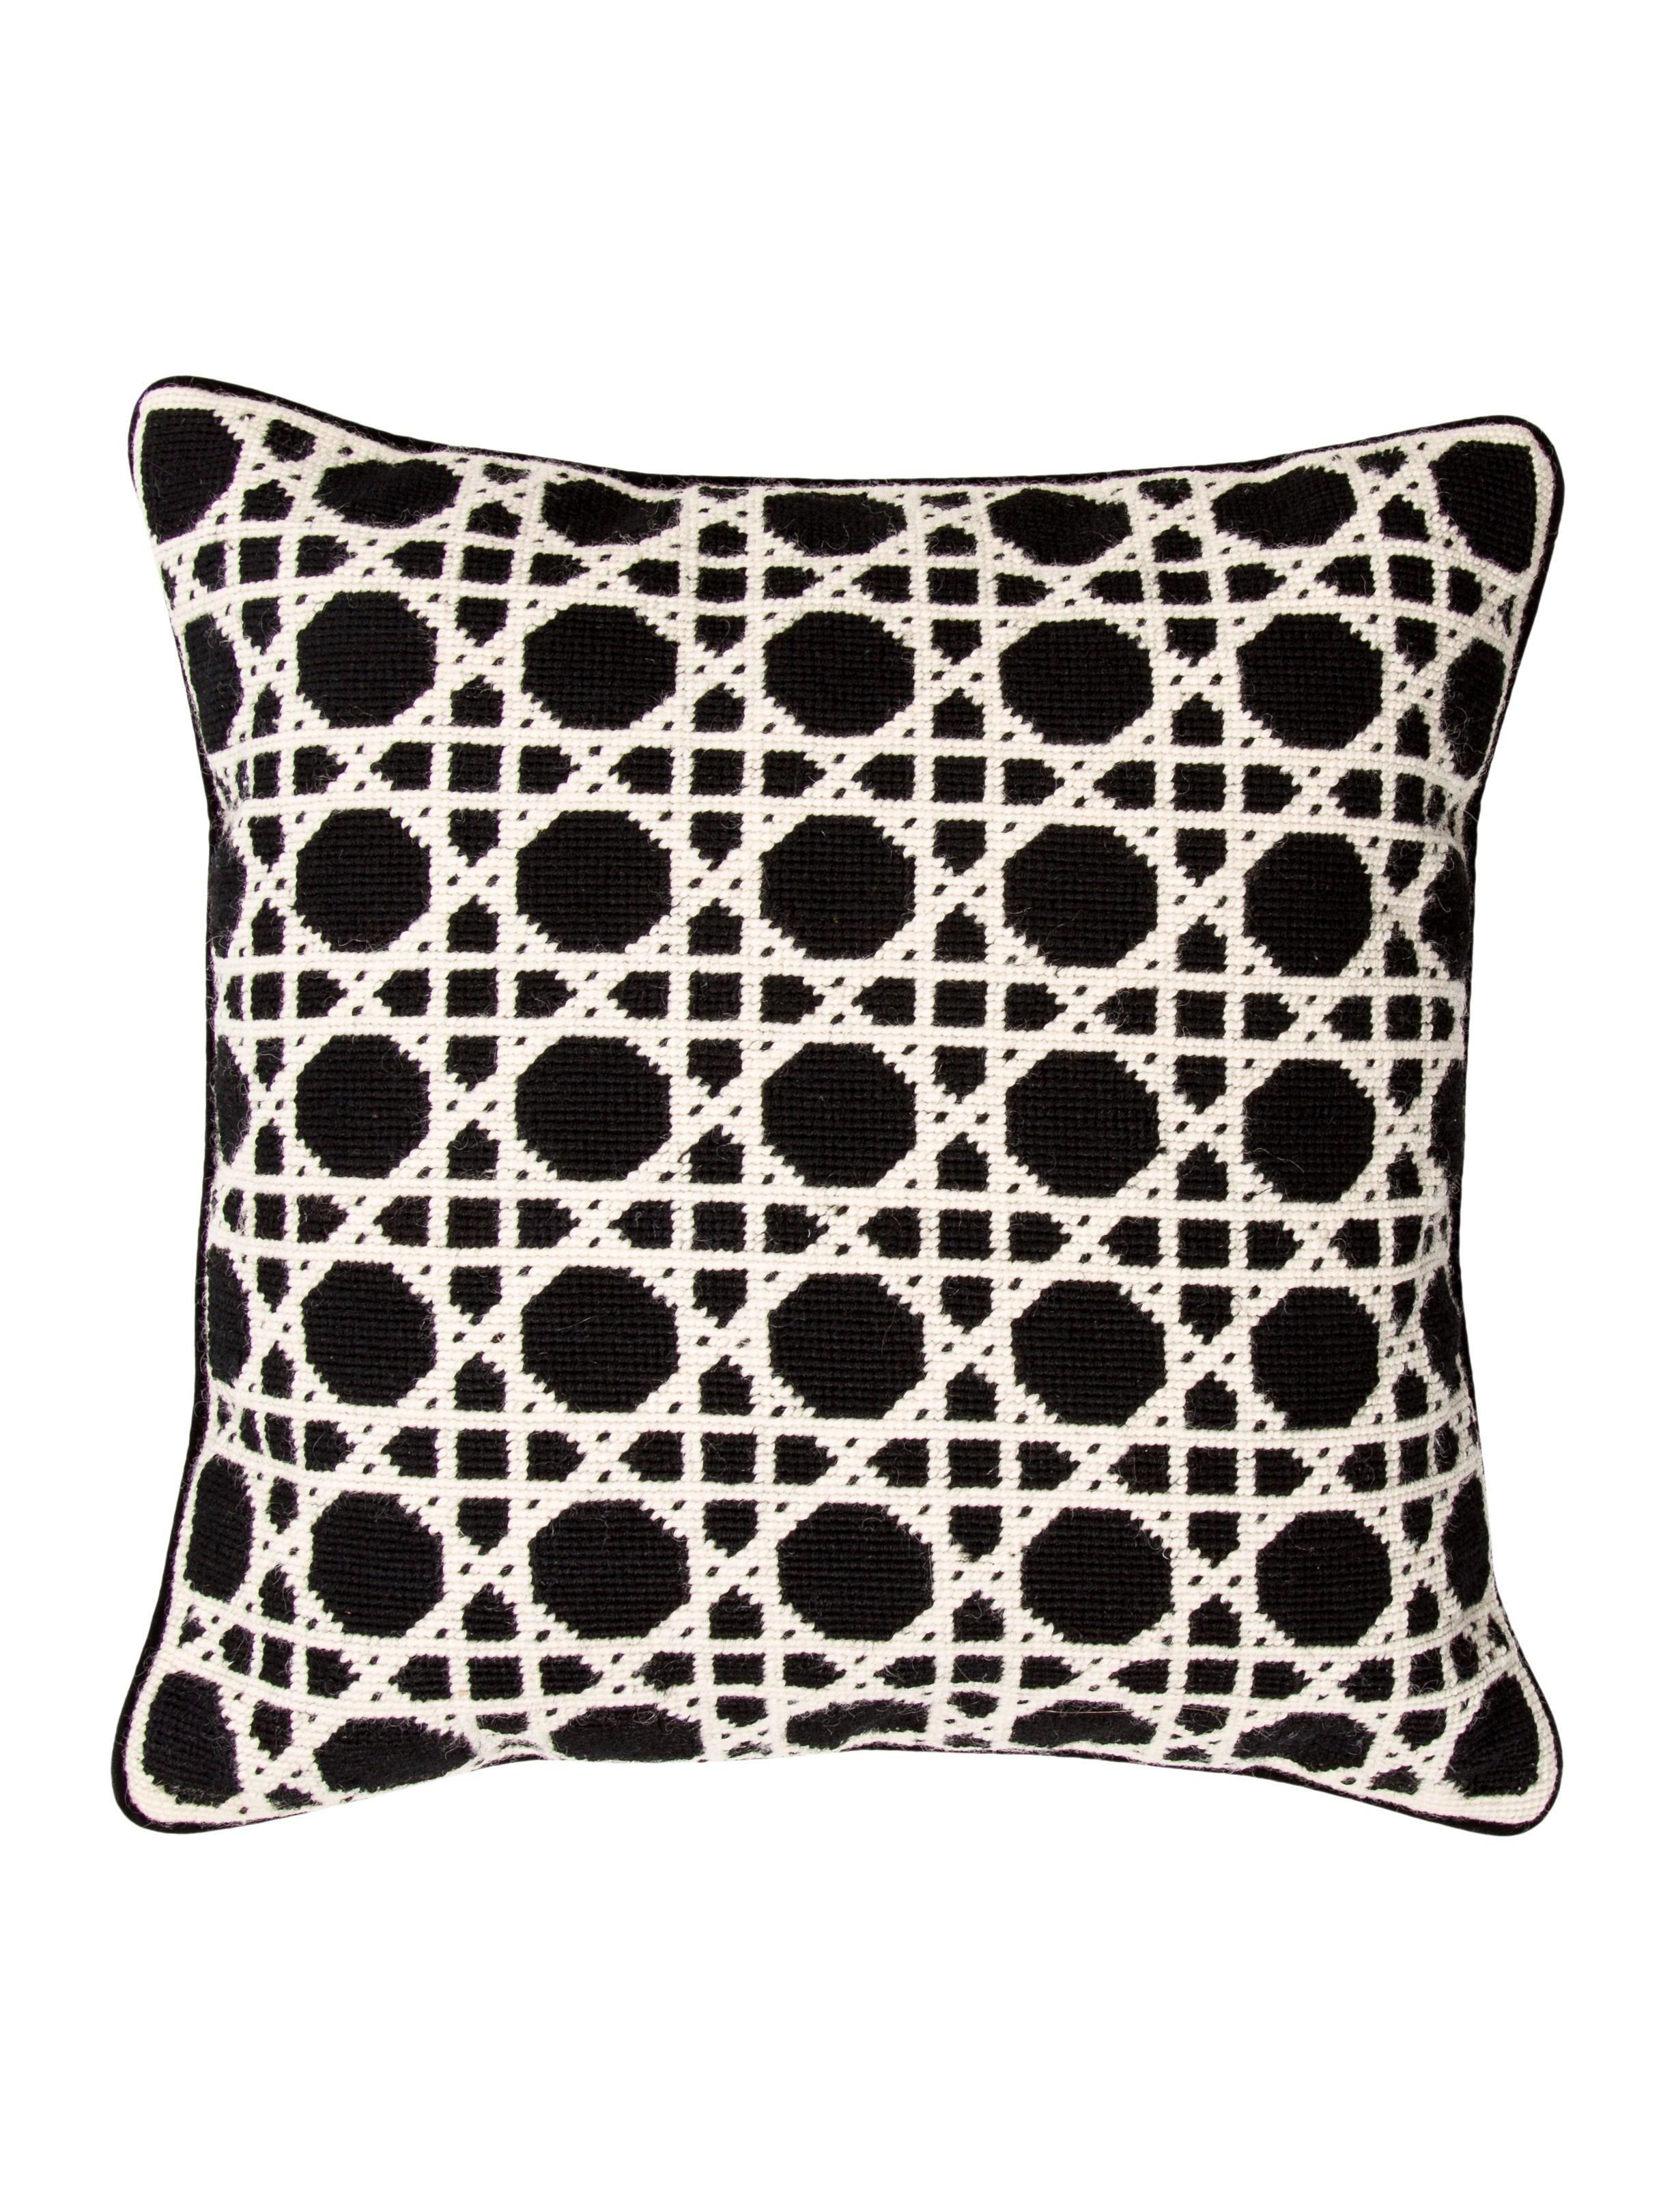 Throw Pillow Needlepoint Throw Pillow - Pillows And Throws - PILLO20162 The RealReal